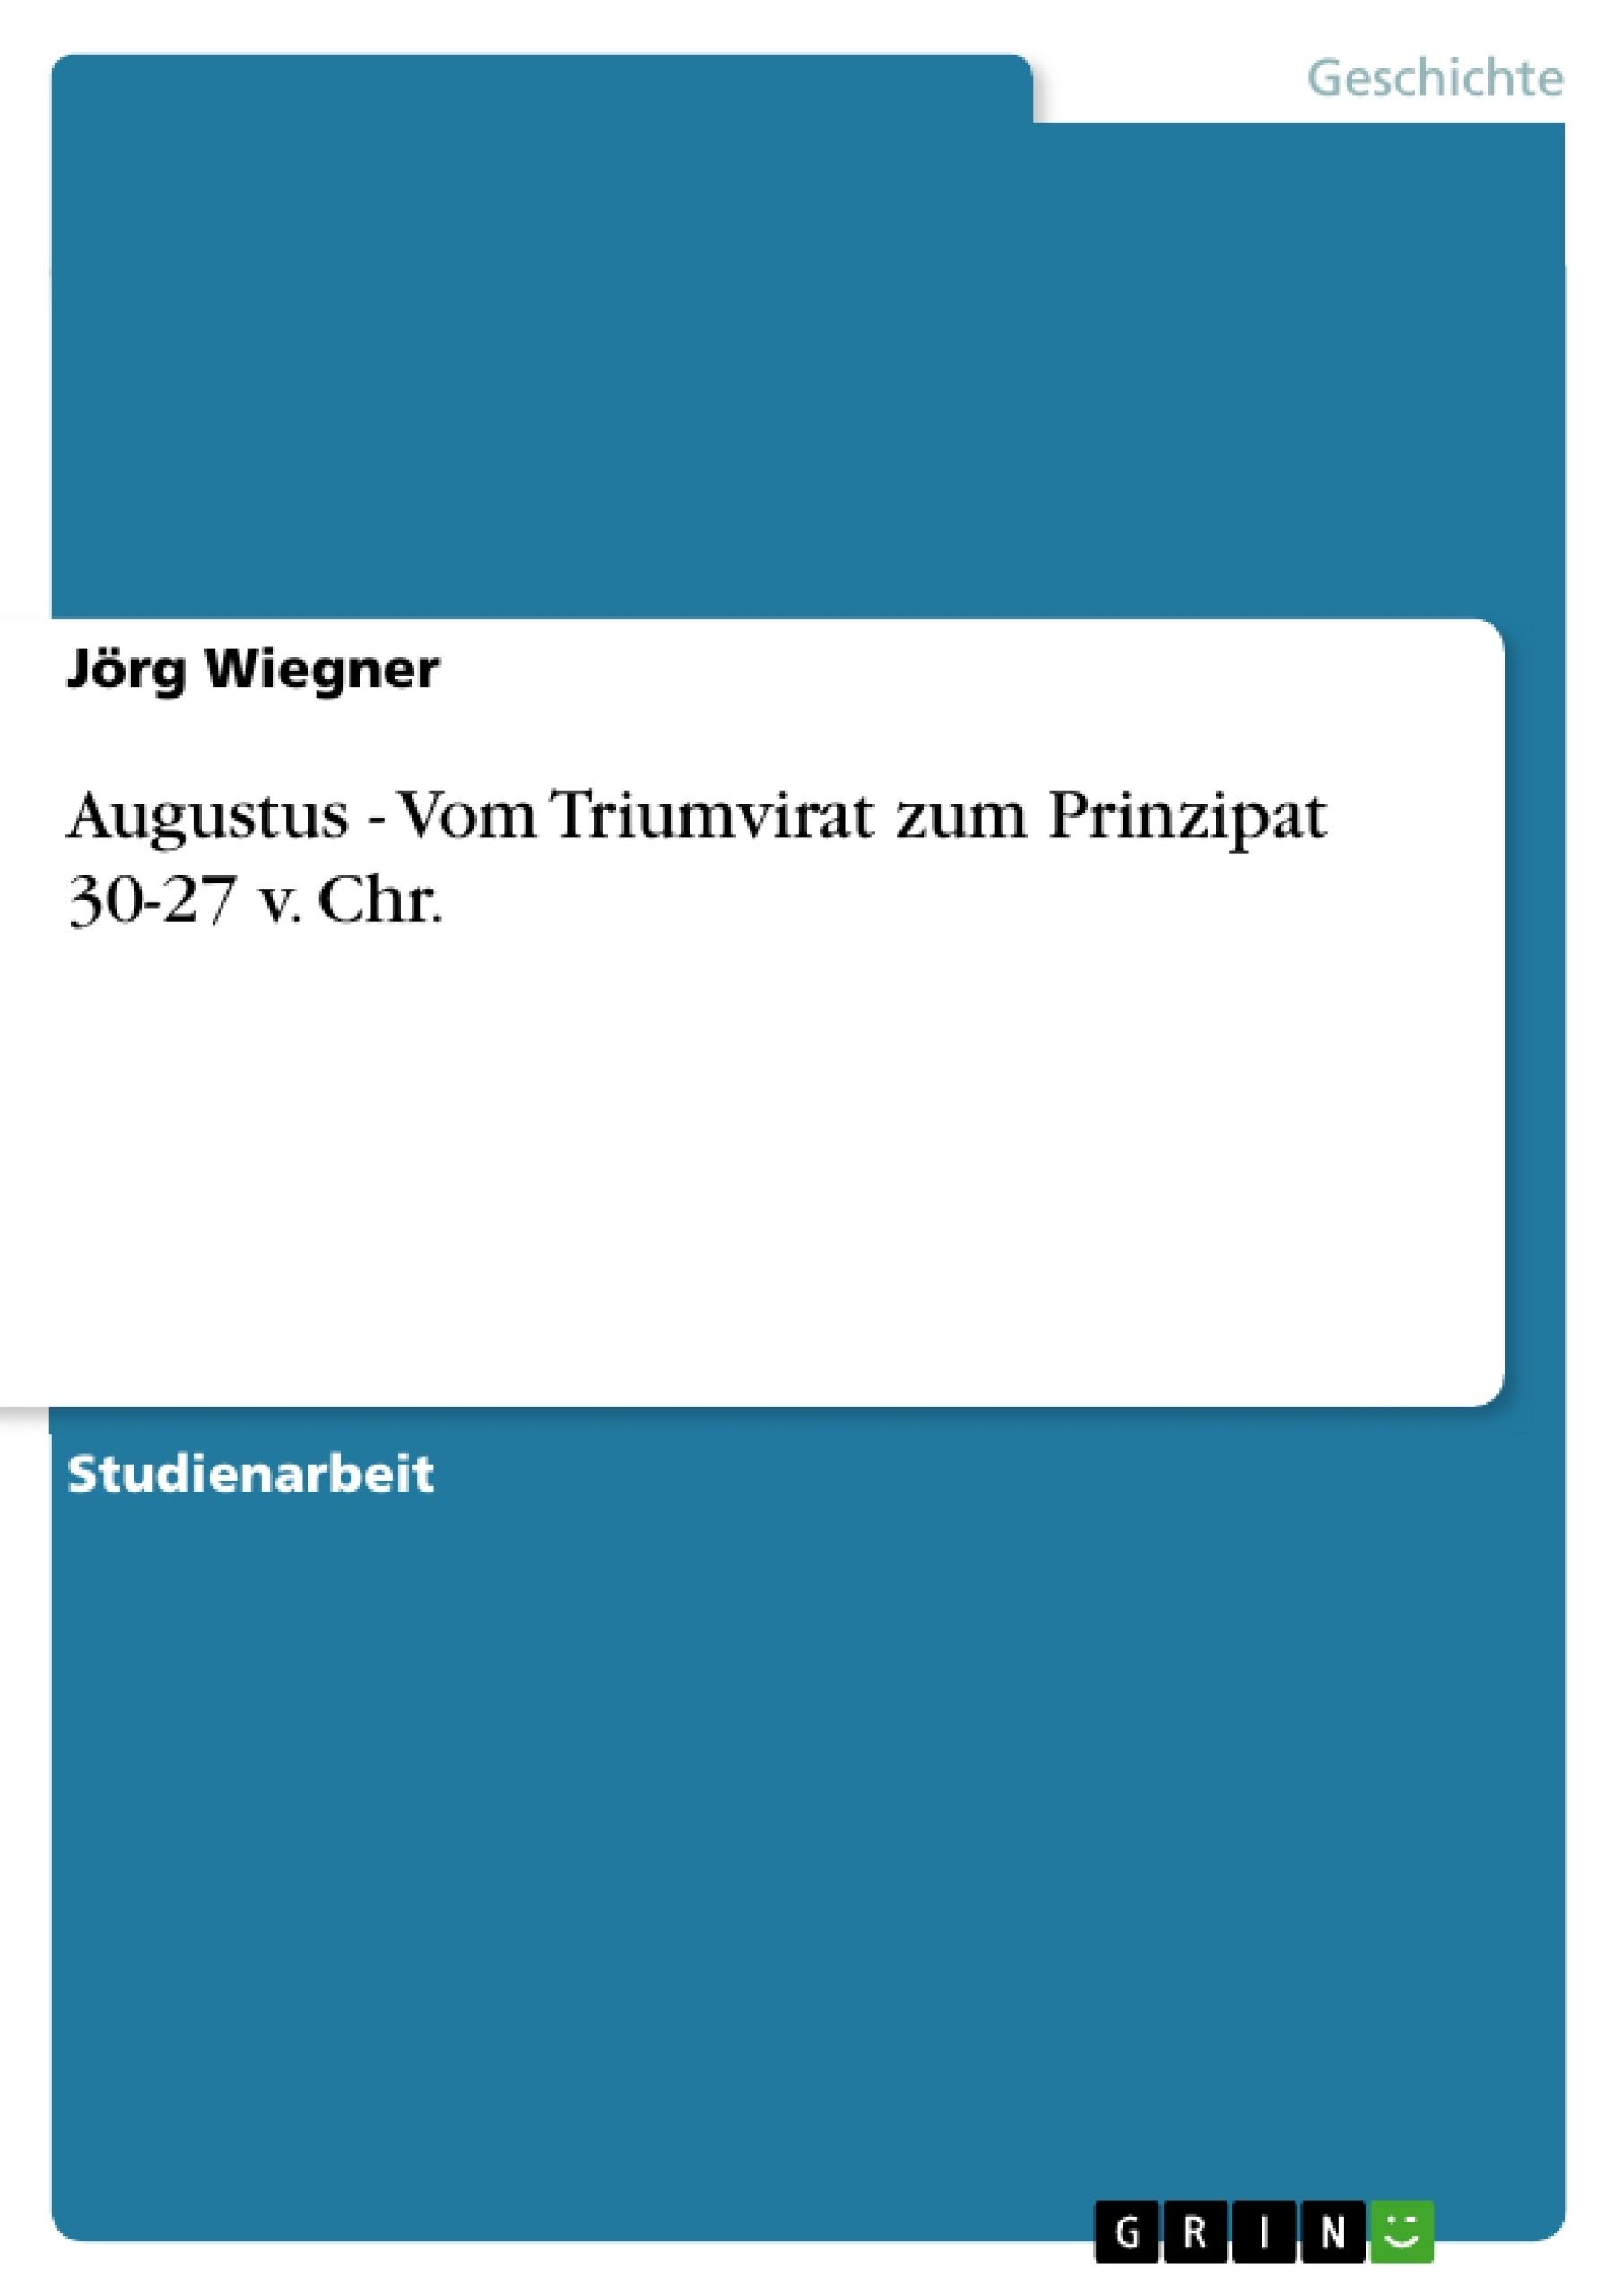 Titel: Augustus - Vom Triumvirat zum Prinzipat 30-27 v. Chr.